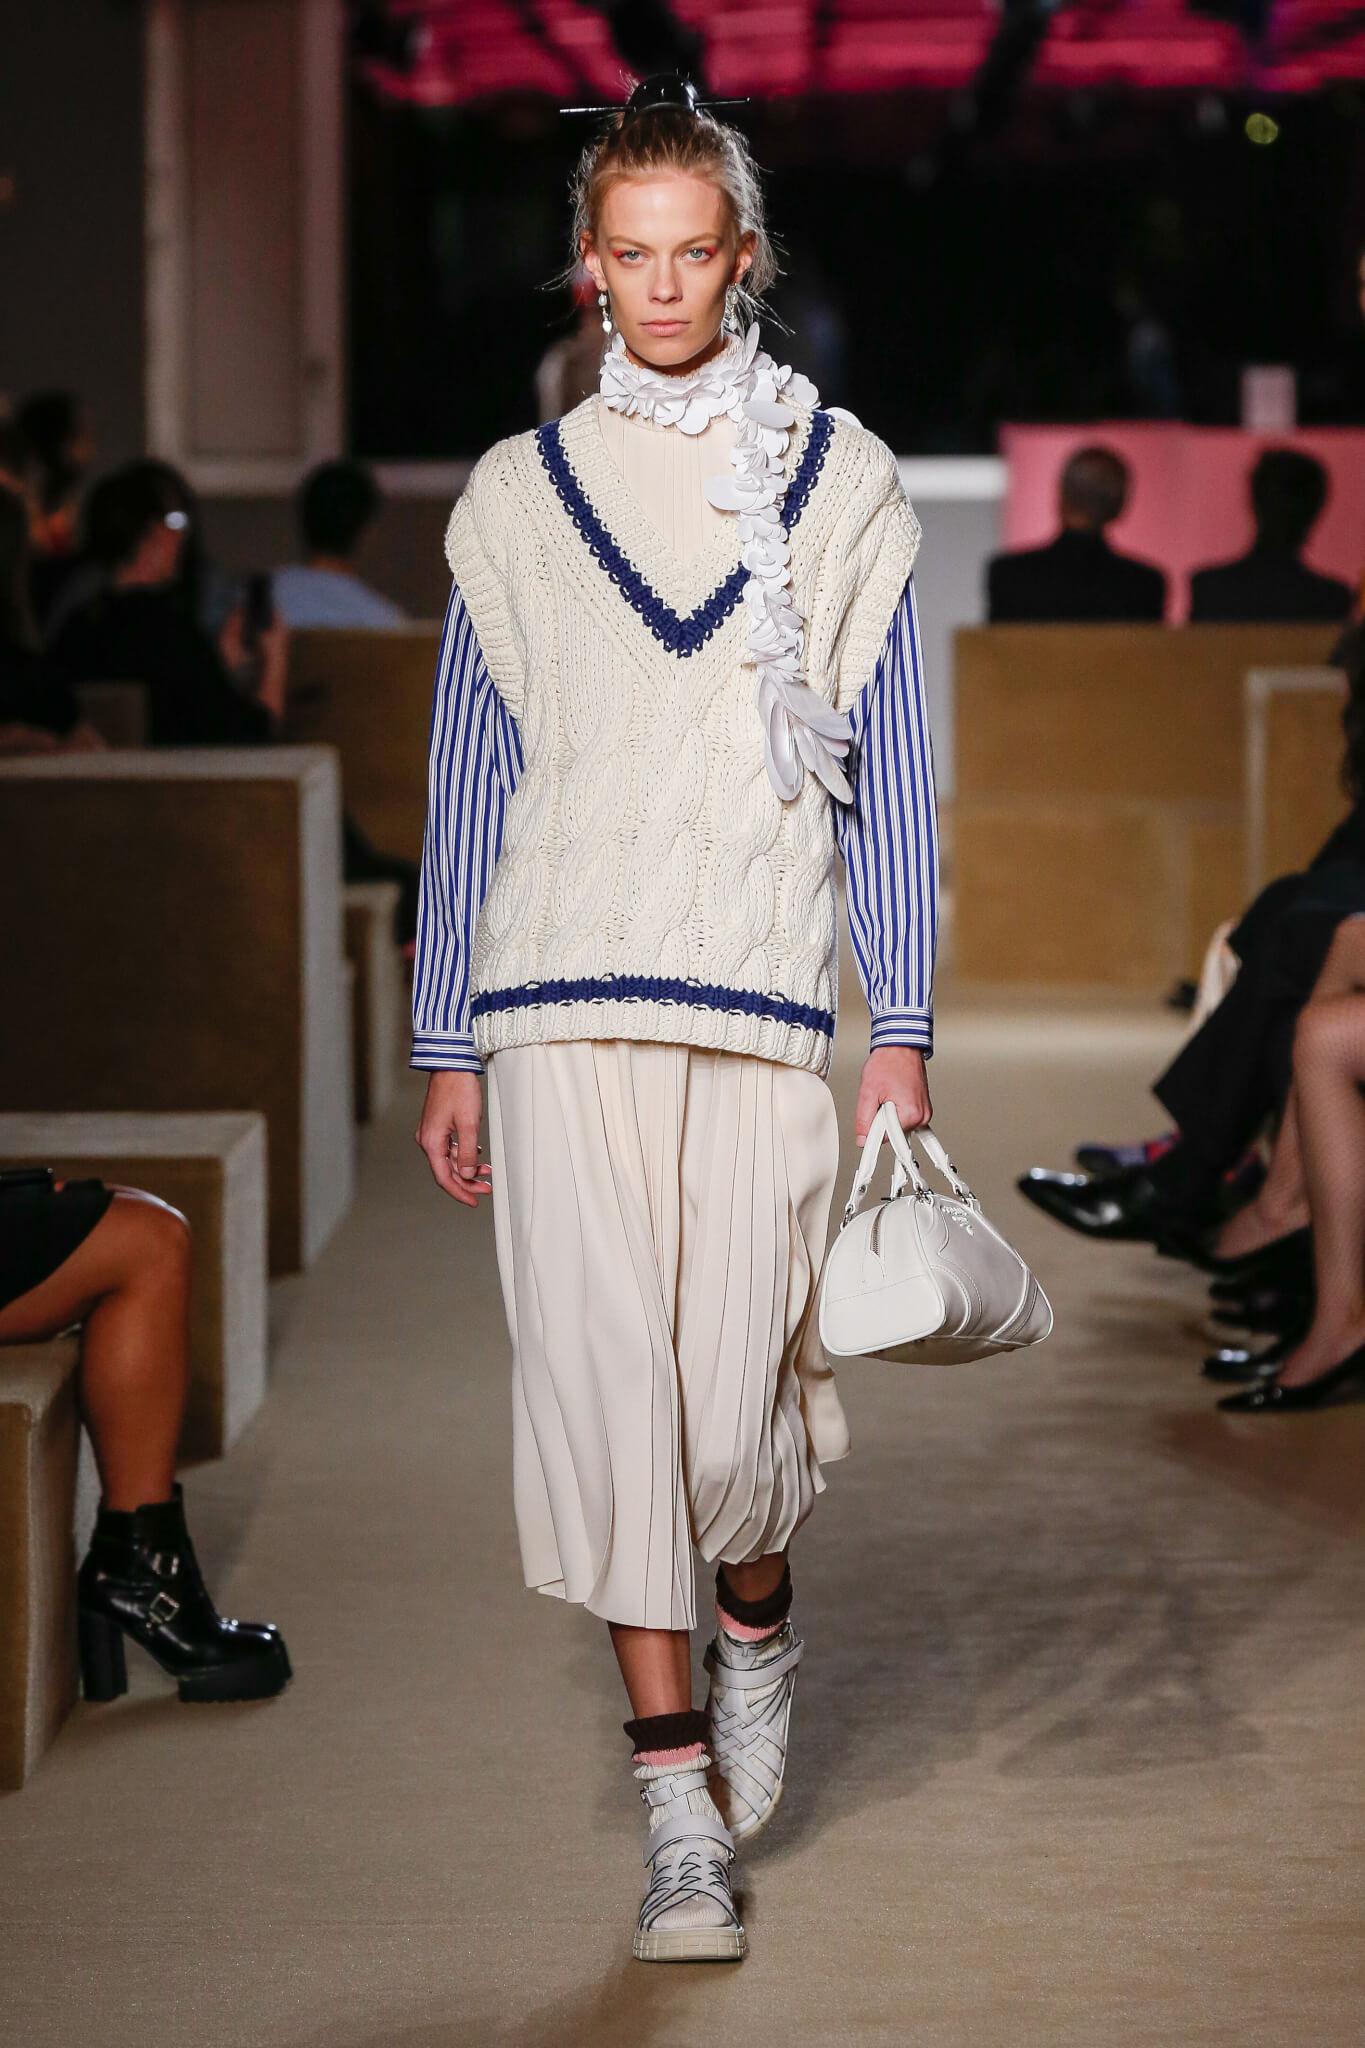 系列包含超經典的款式,包括經典大褸、配黃銅鈕扣的西裝外套、寬身半截裙、粗麻花針織毛衣、碎花套裝等。